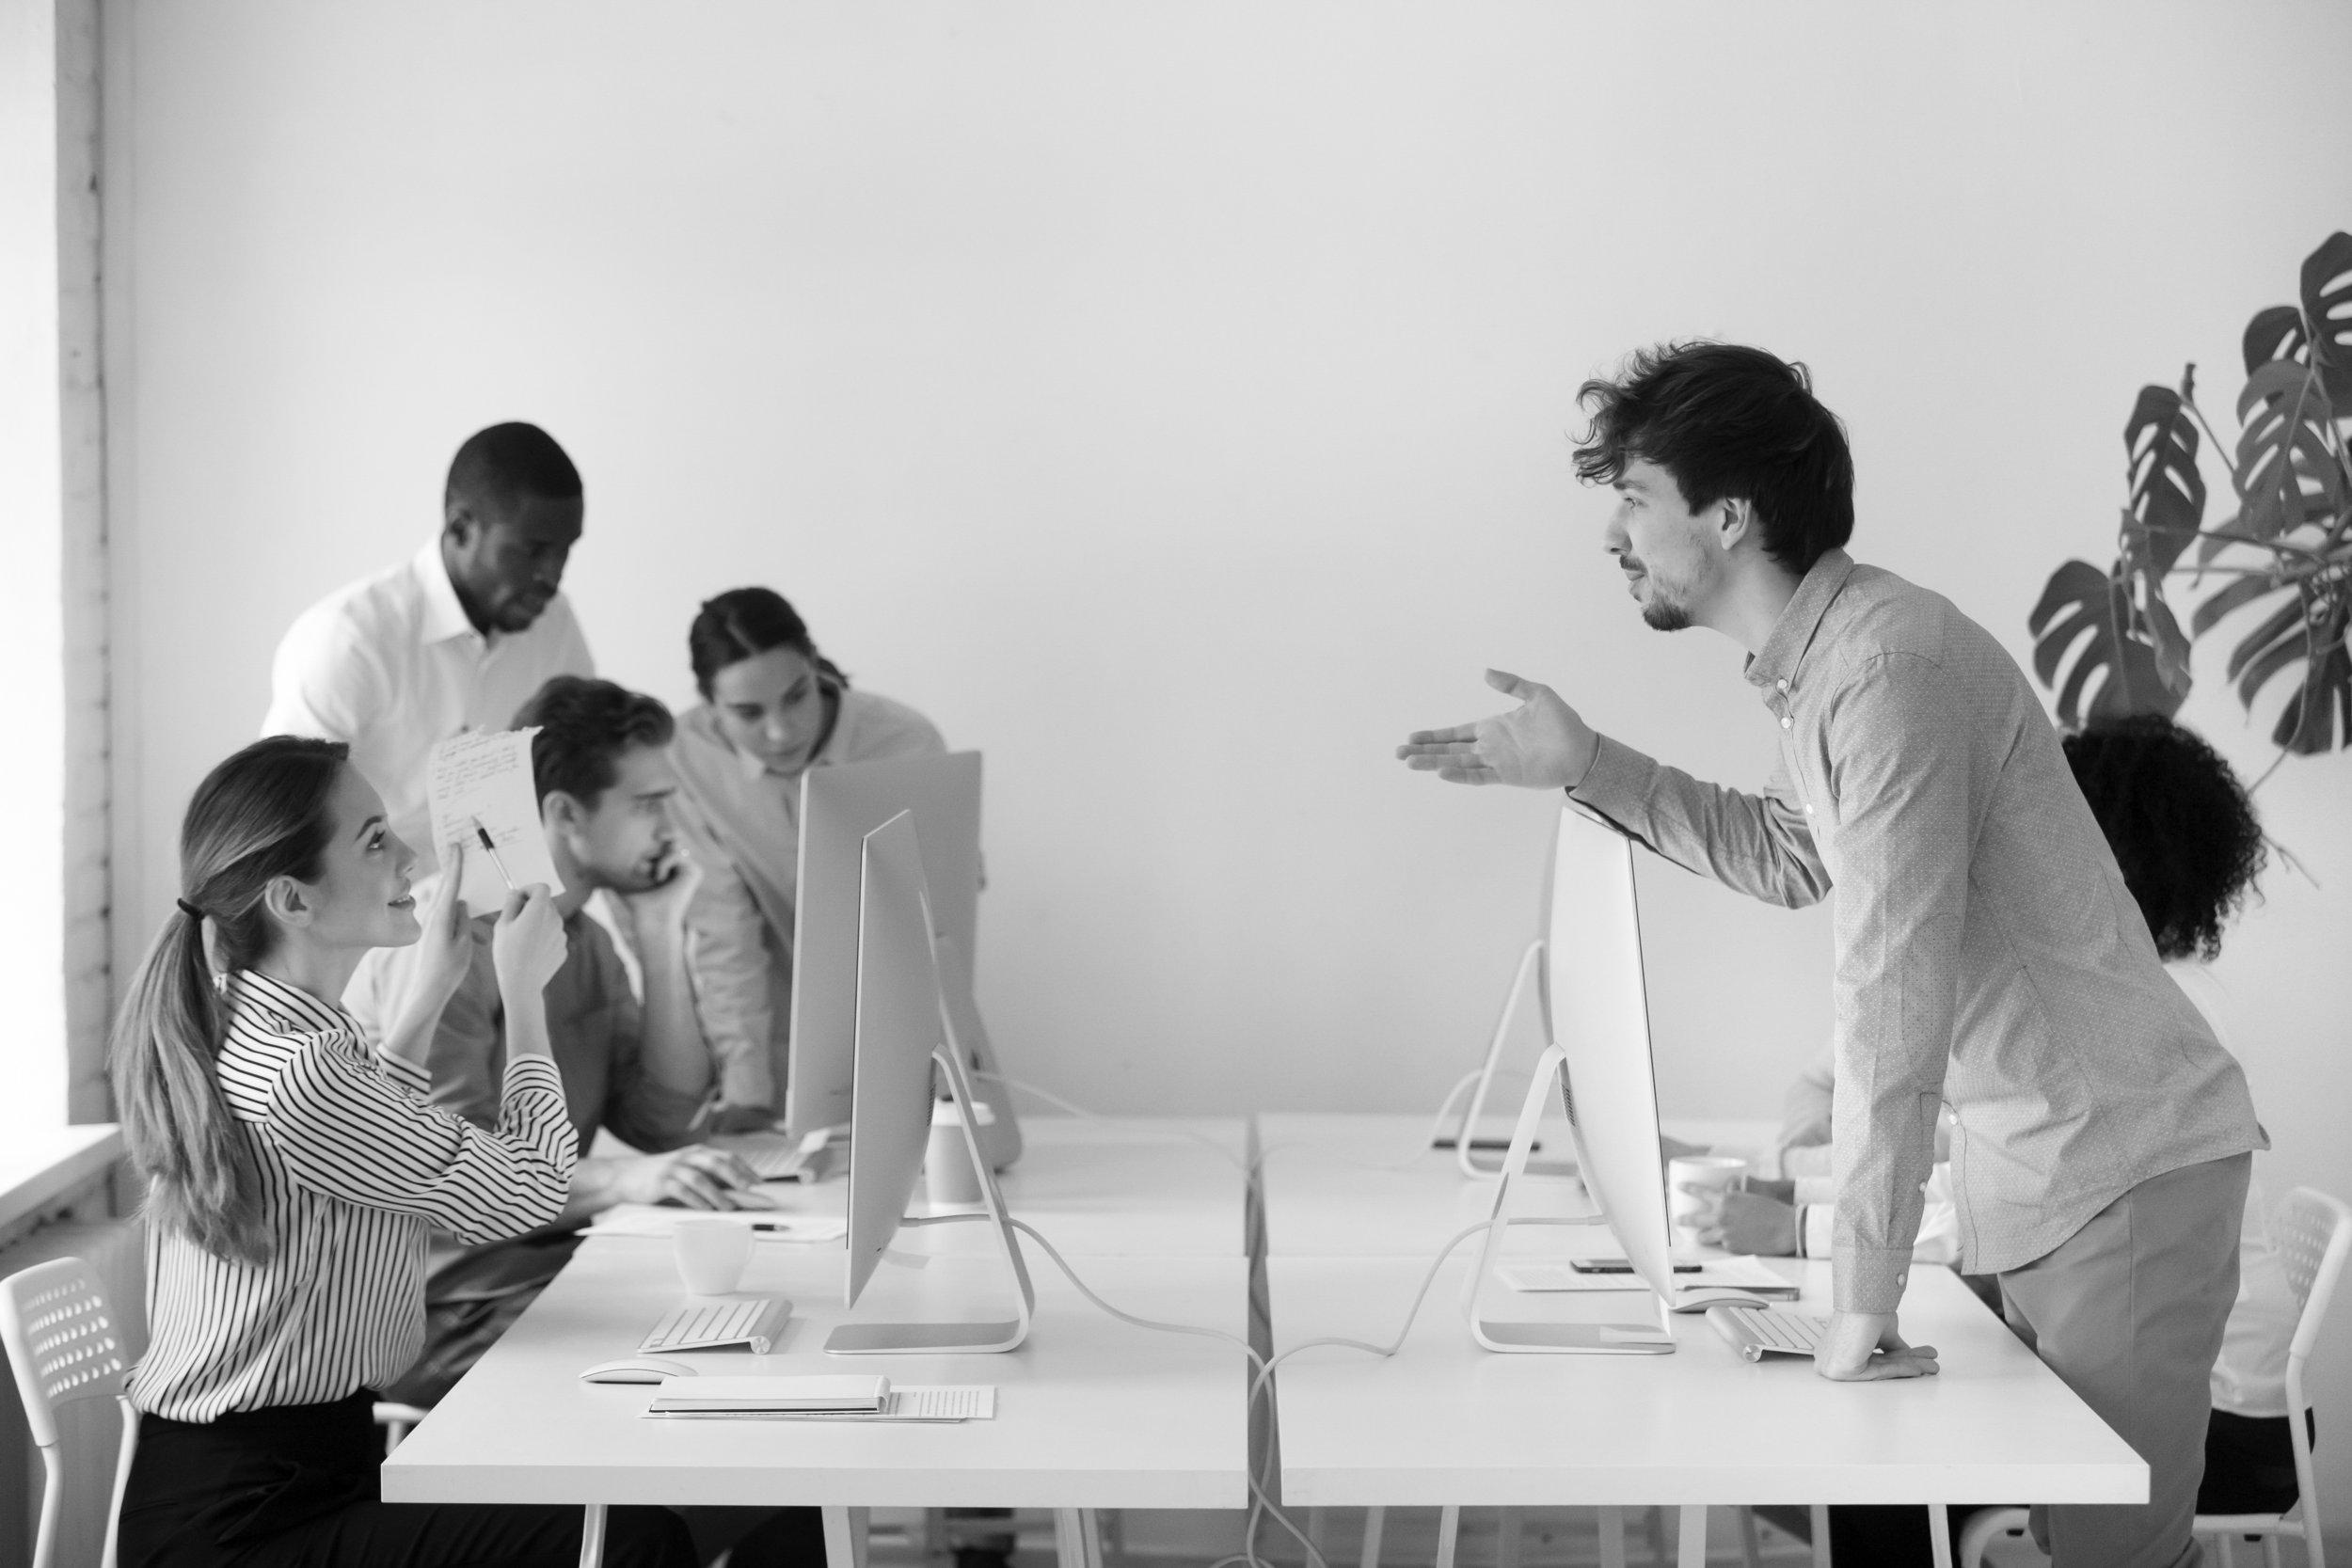 VirtuaControl se hodí i pro Vaši firmu - Chcete, aby administrátoři měli čas na důležitou práci a banality řešili na pár kliknutí? Těší Vás, když uživatelé dělají méně chyb a pracují plynuleji? A chcete znásobit výhody předchozí virtualizace infrastruktury? Pokud ano, ušetříte jak při nákupu aplikace, tak díky jejím funkcím.